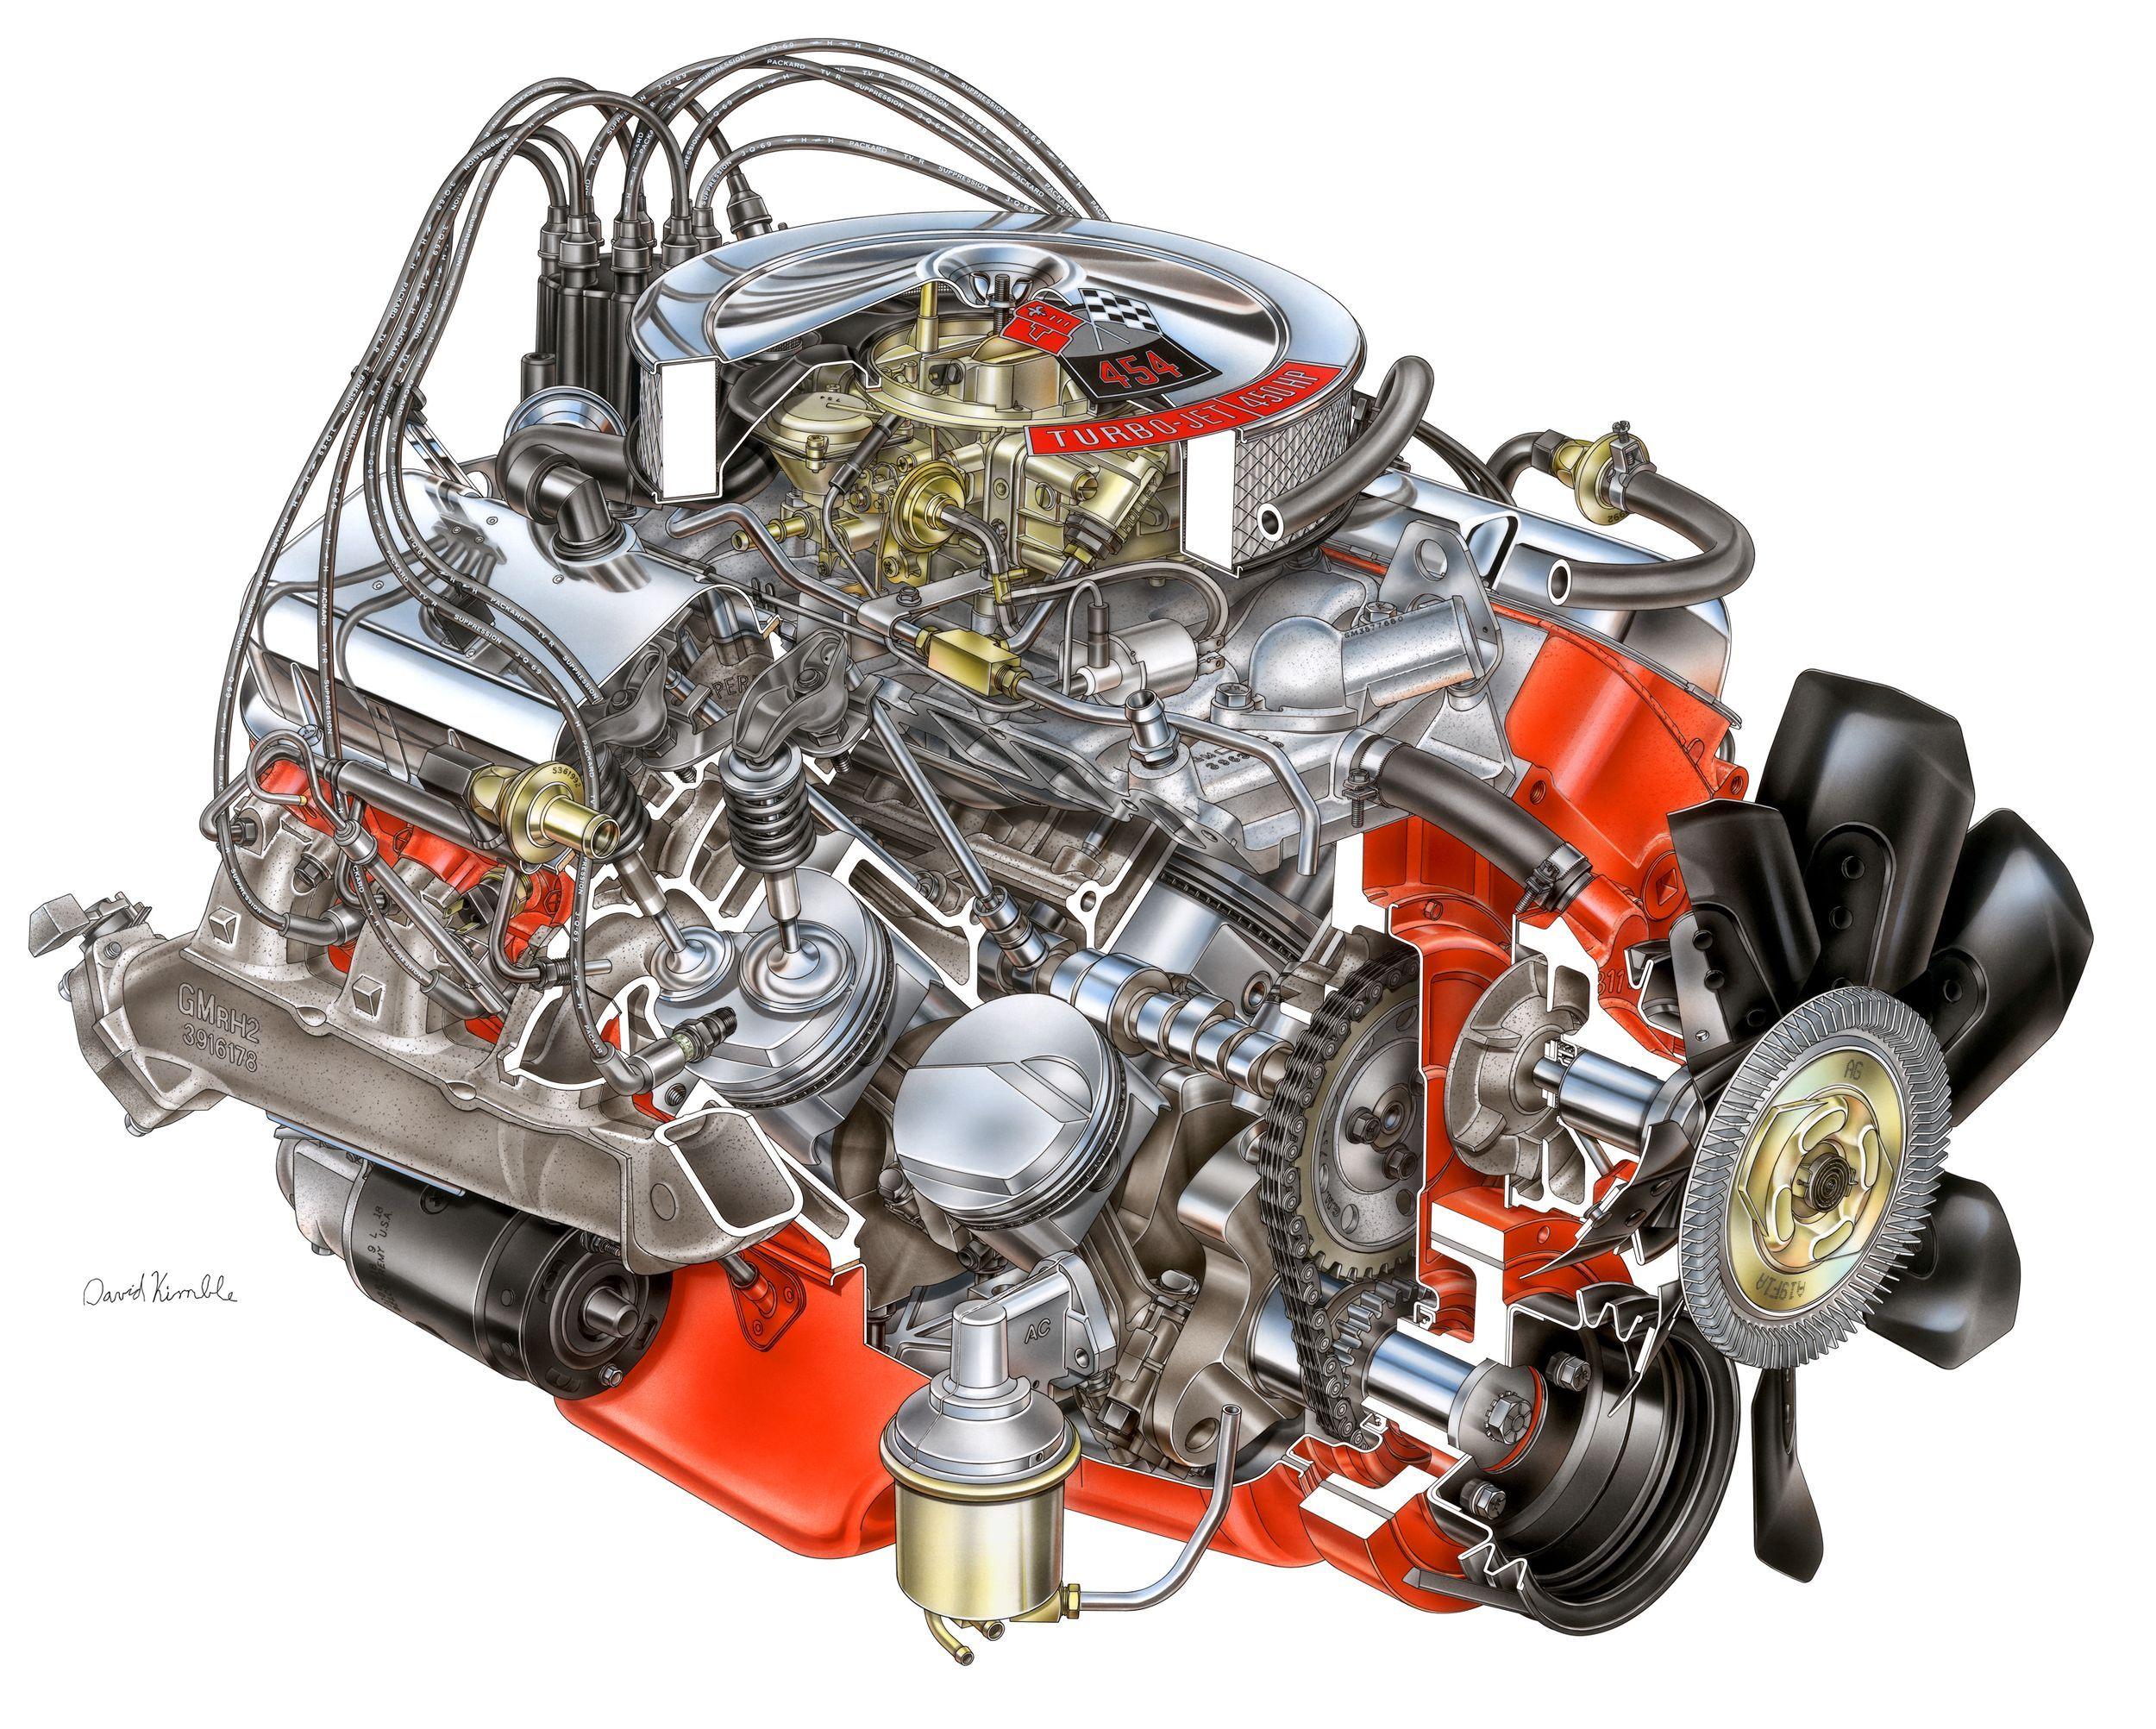 Chevrolet Sonic Repair Manual: Engine Block Disassemble